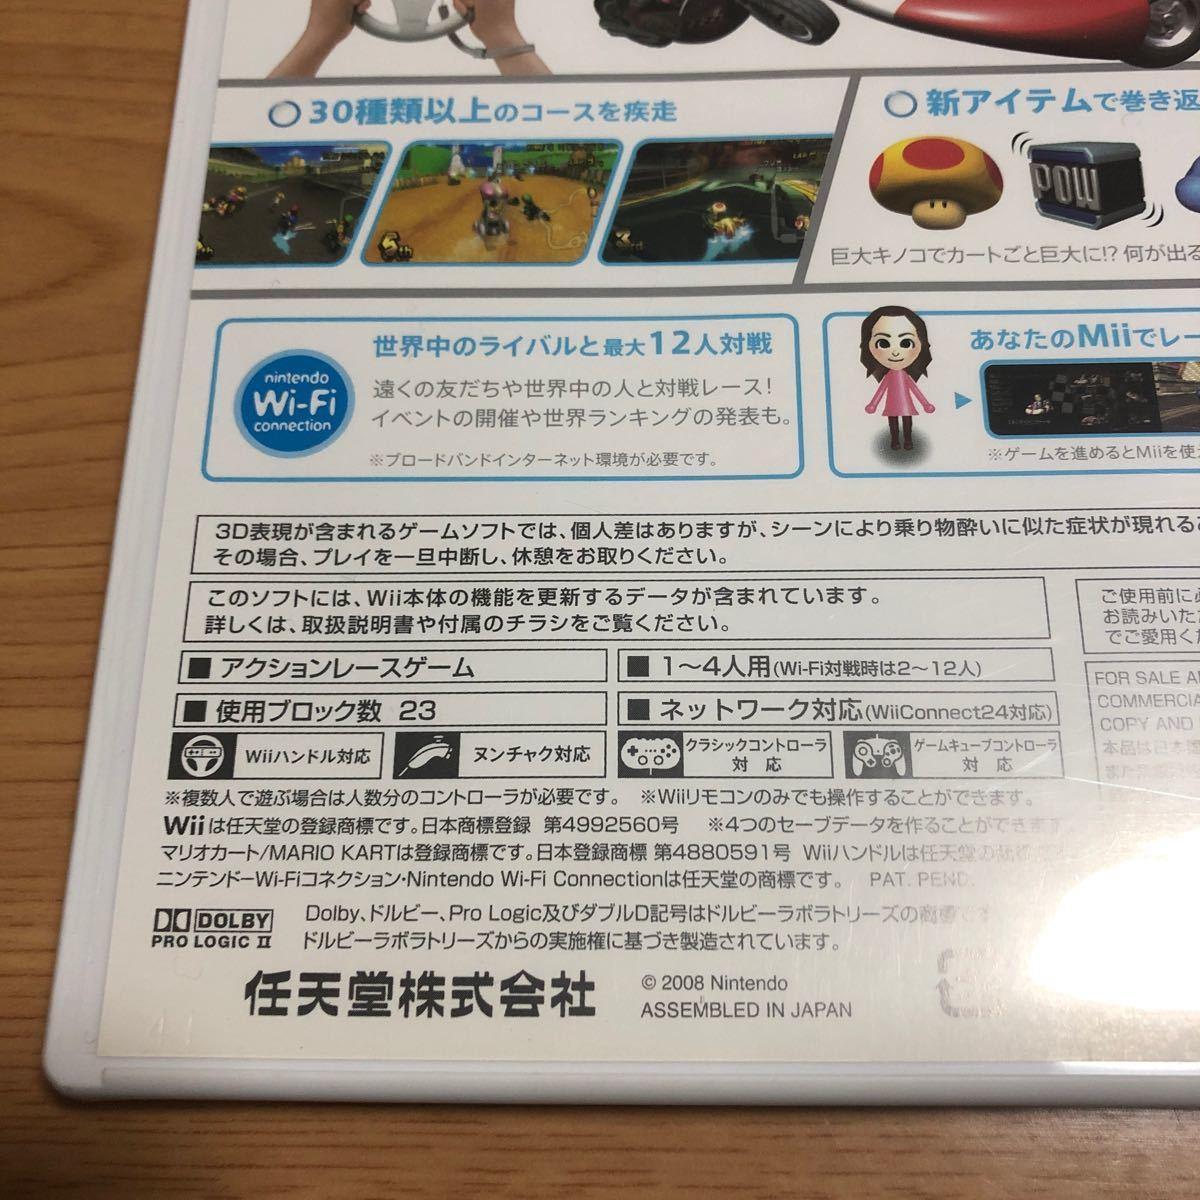 マリオカートWii ハンドル2個セット